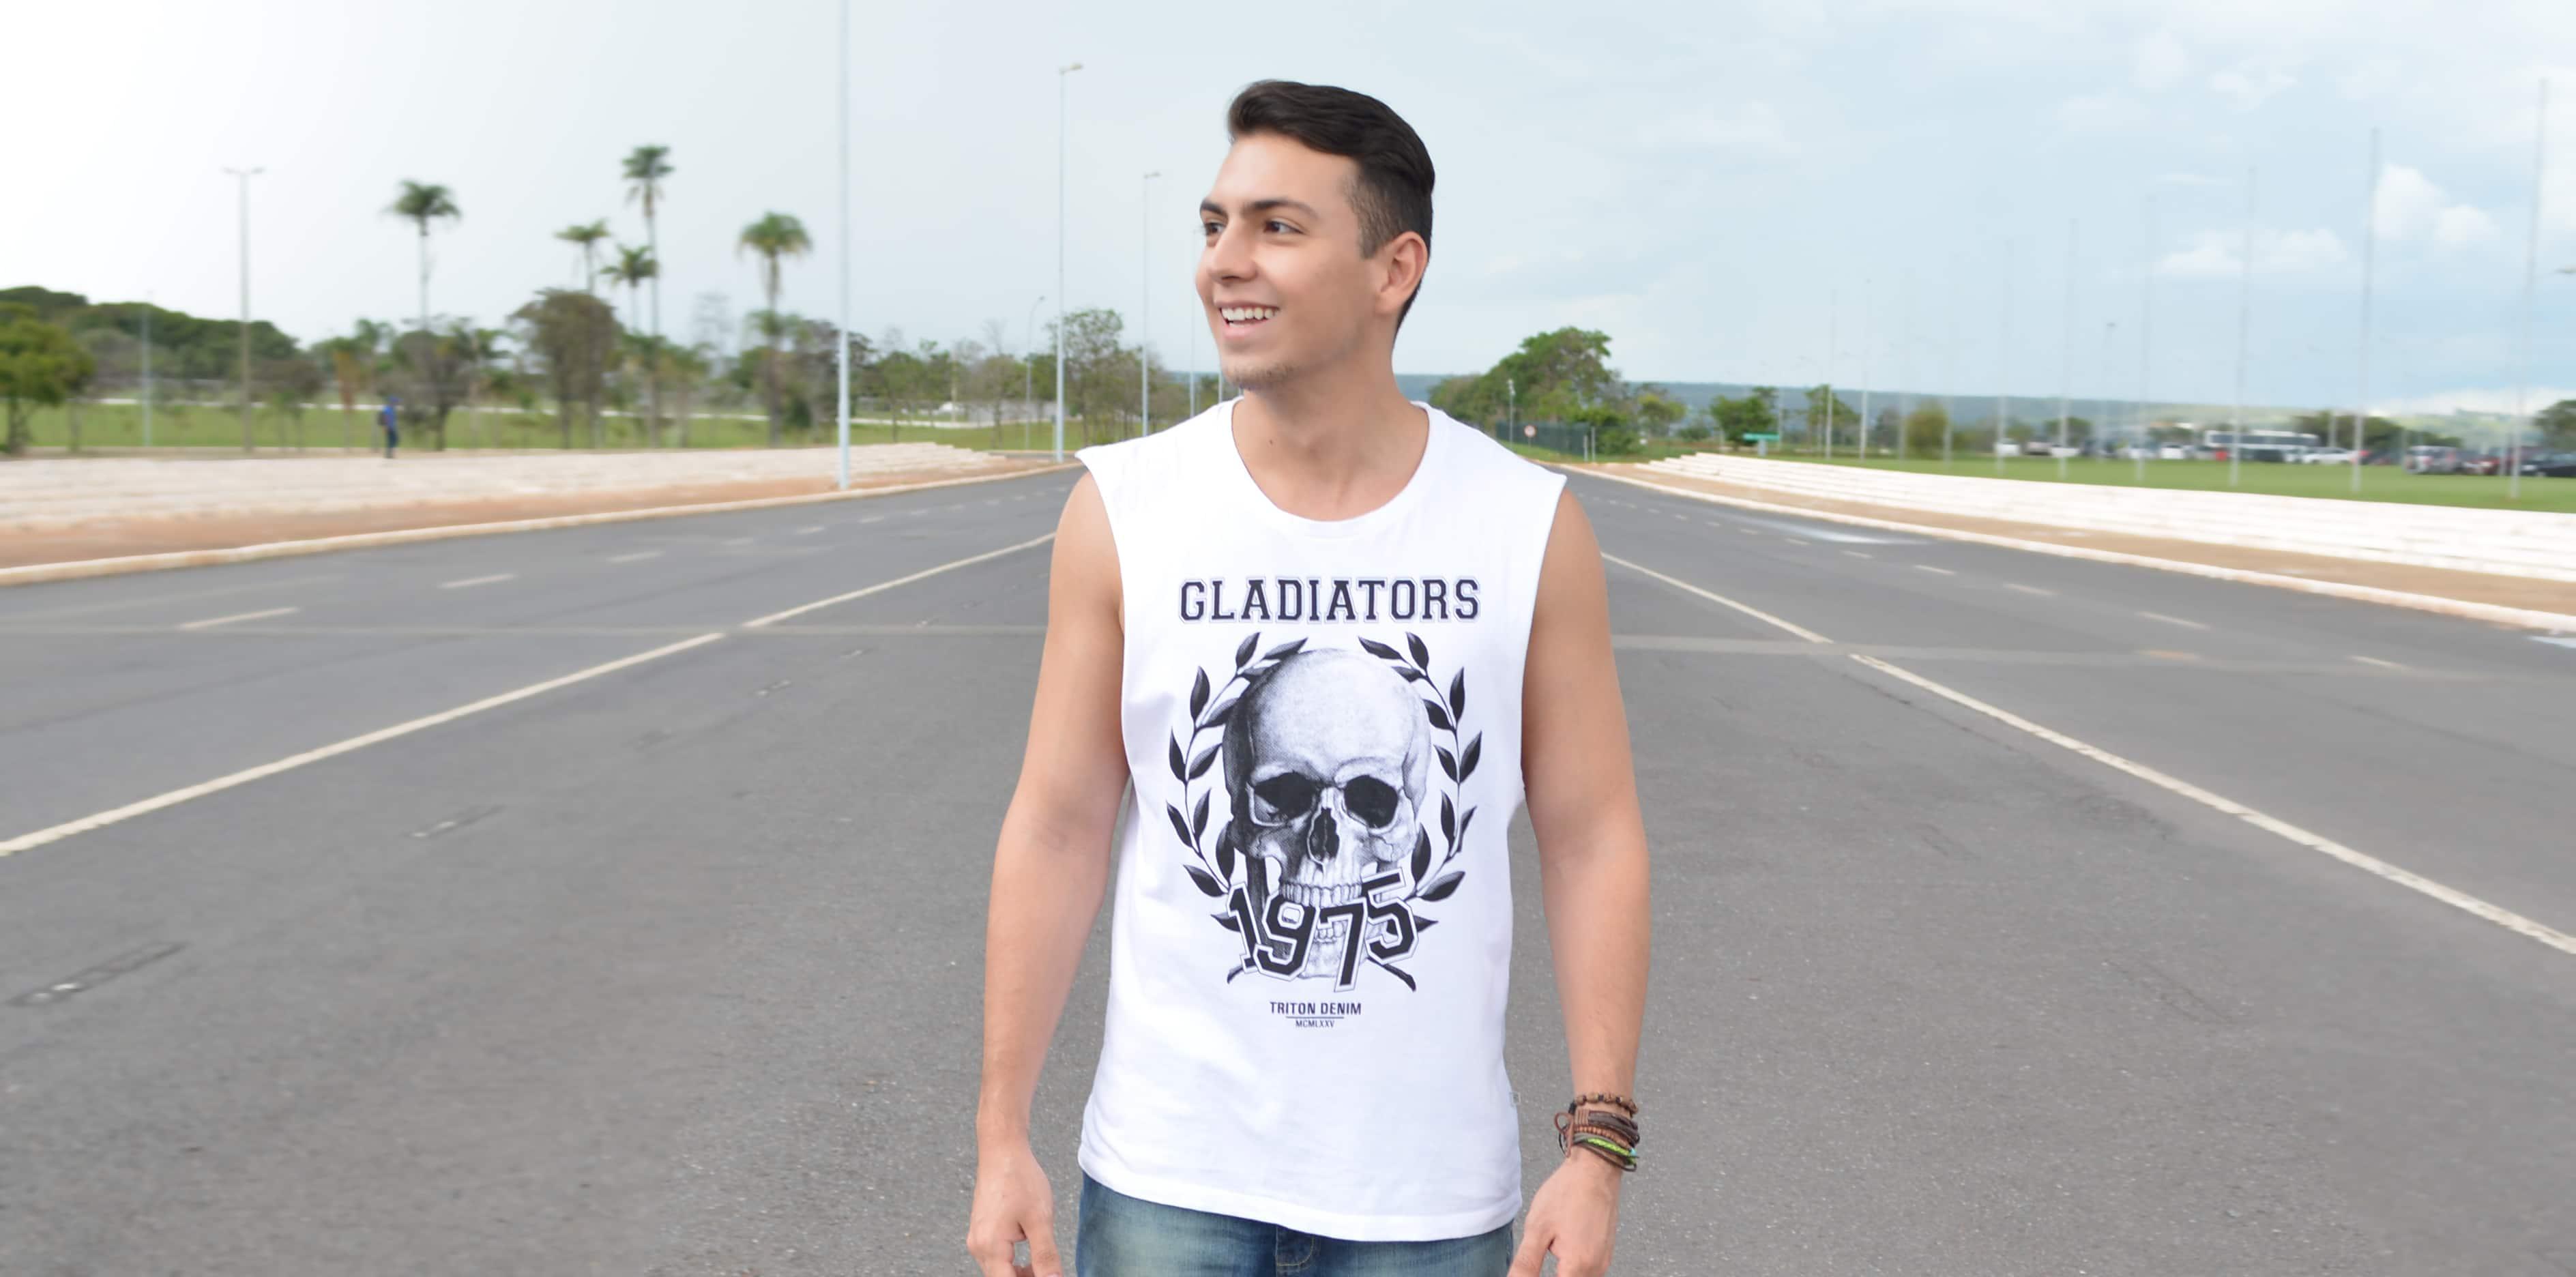 Juan Alves Homens que se cuidam perfil